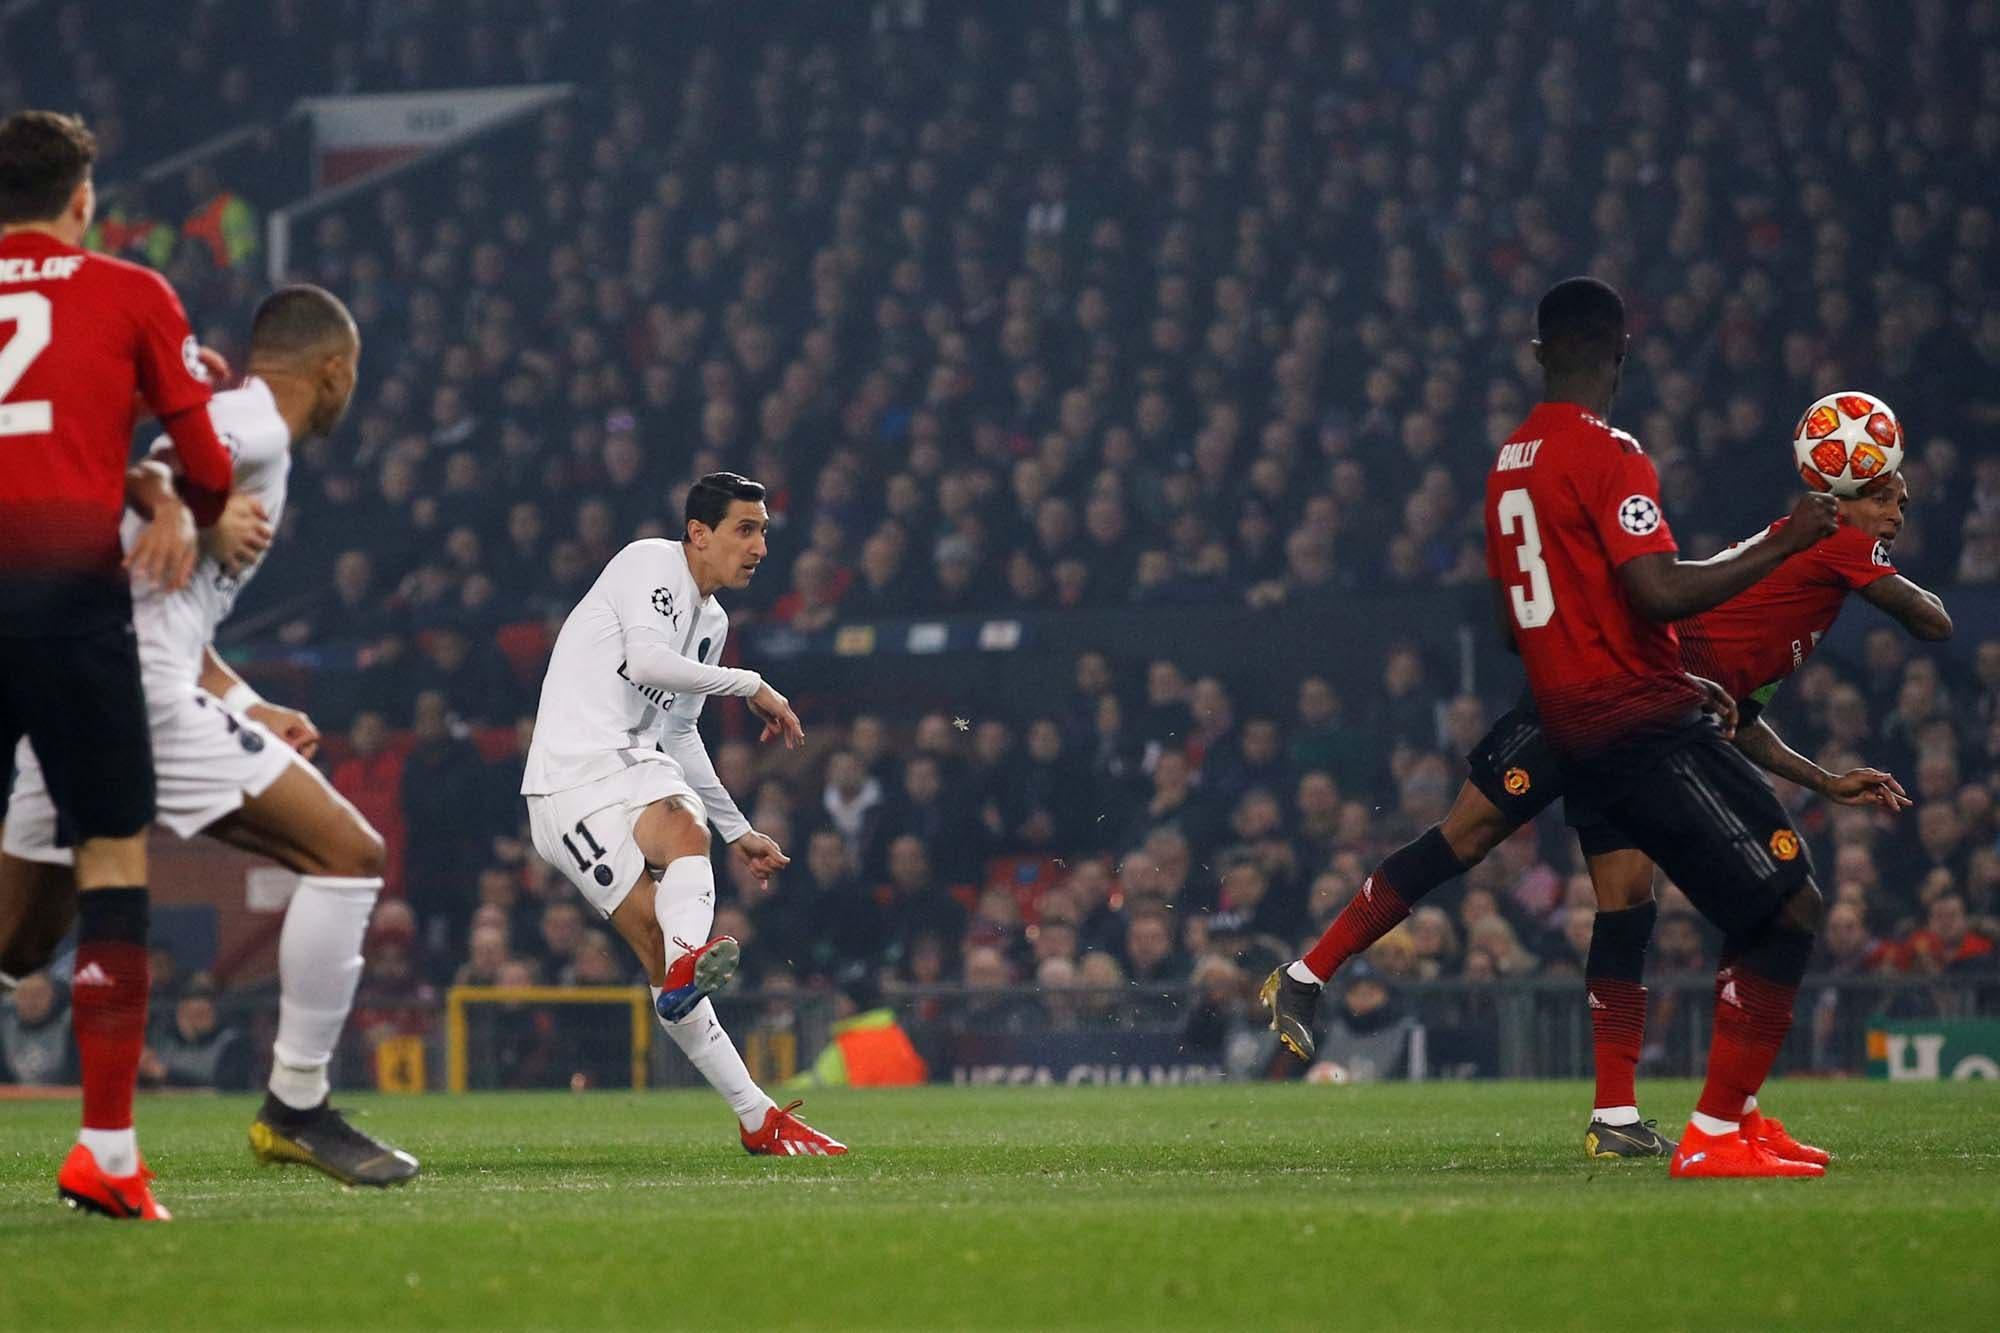 De los pies de Ángel Di María nació el éxito de PSG en su visita a  Manchester United por la Champions League 95fa32a080c1a